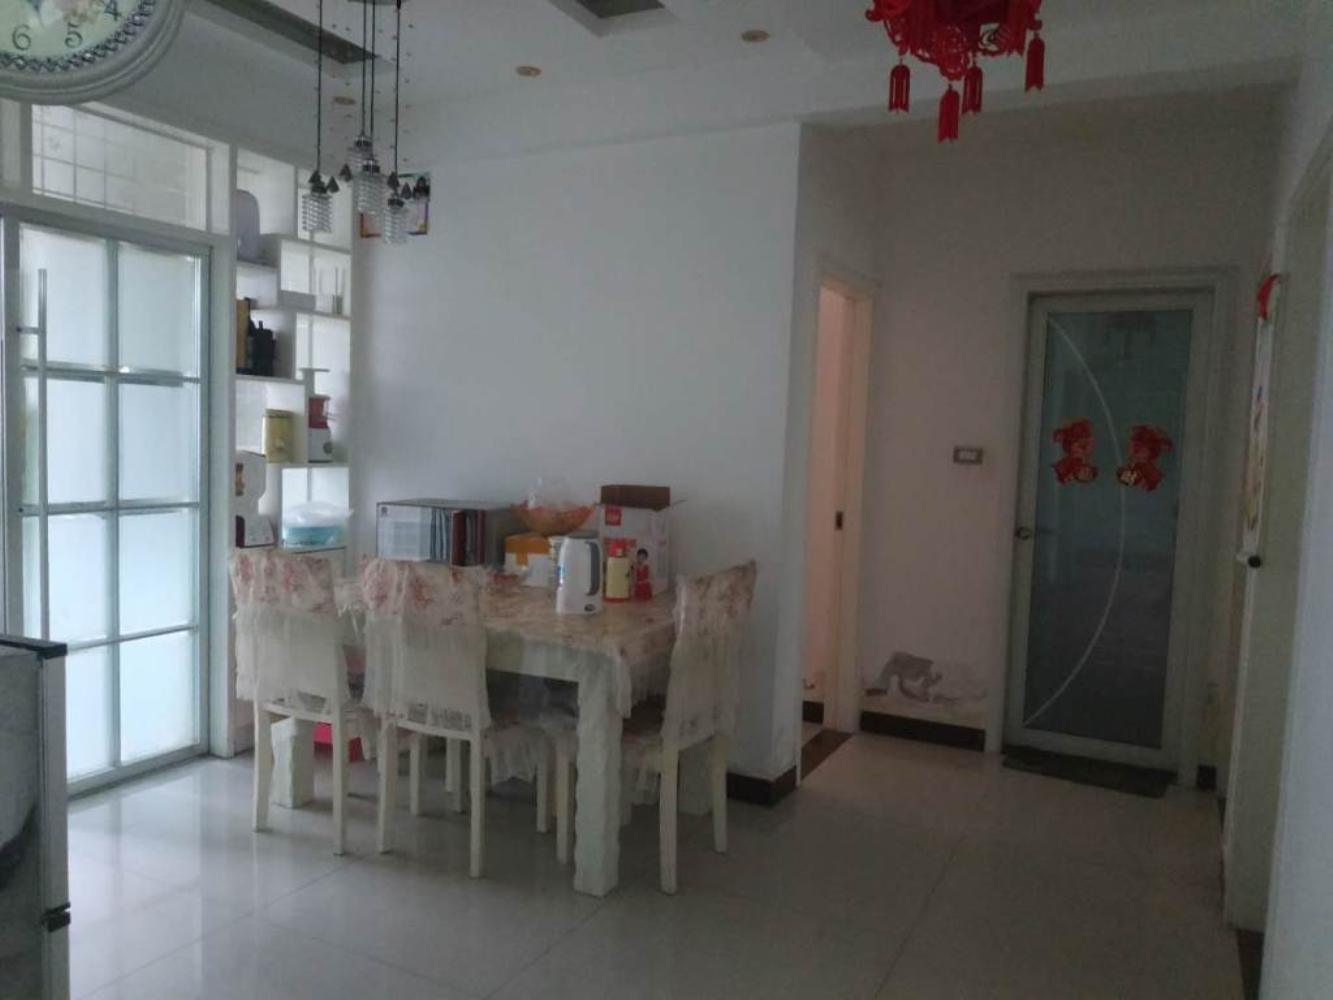 建设路金润书香华城精装三室满五唯一首付20万